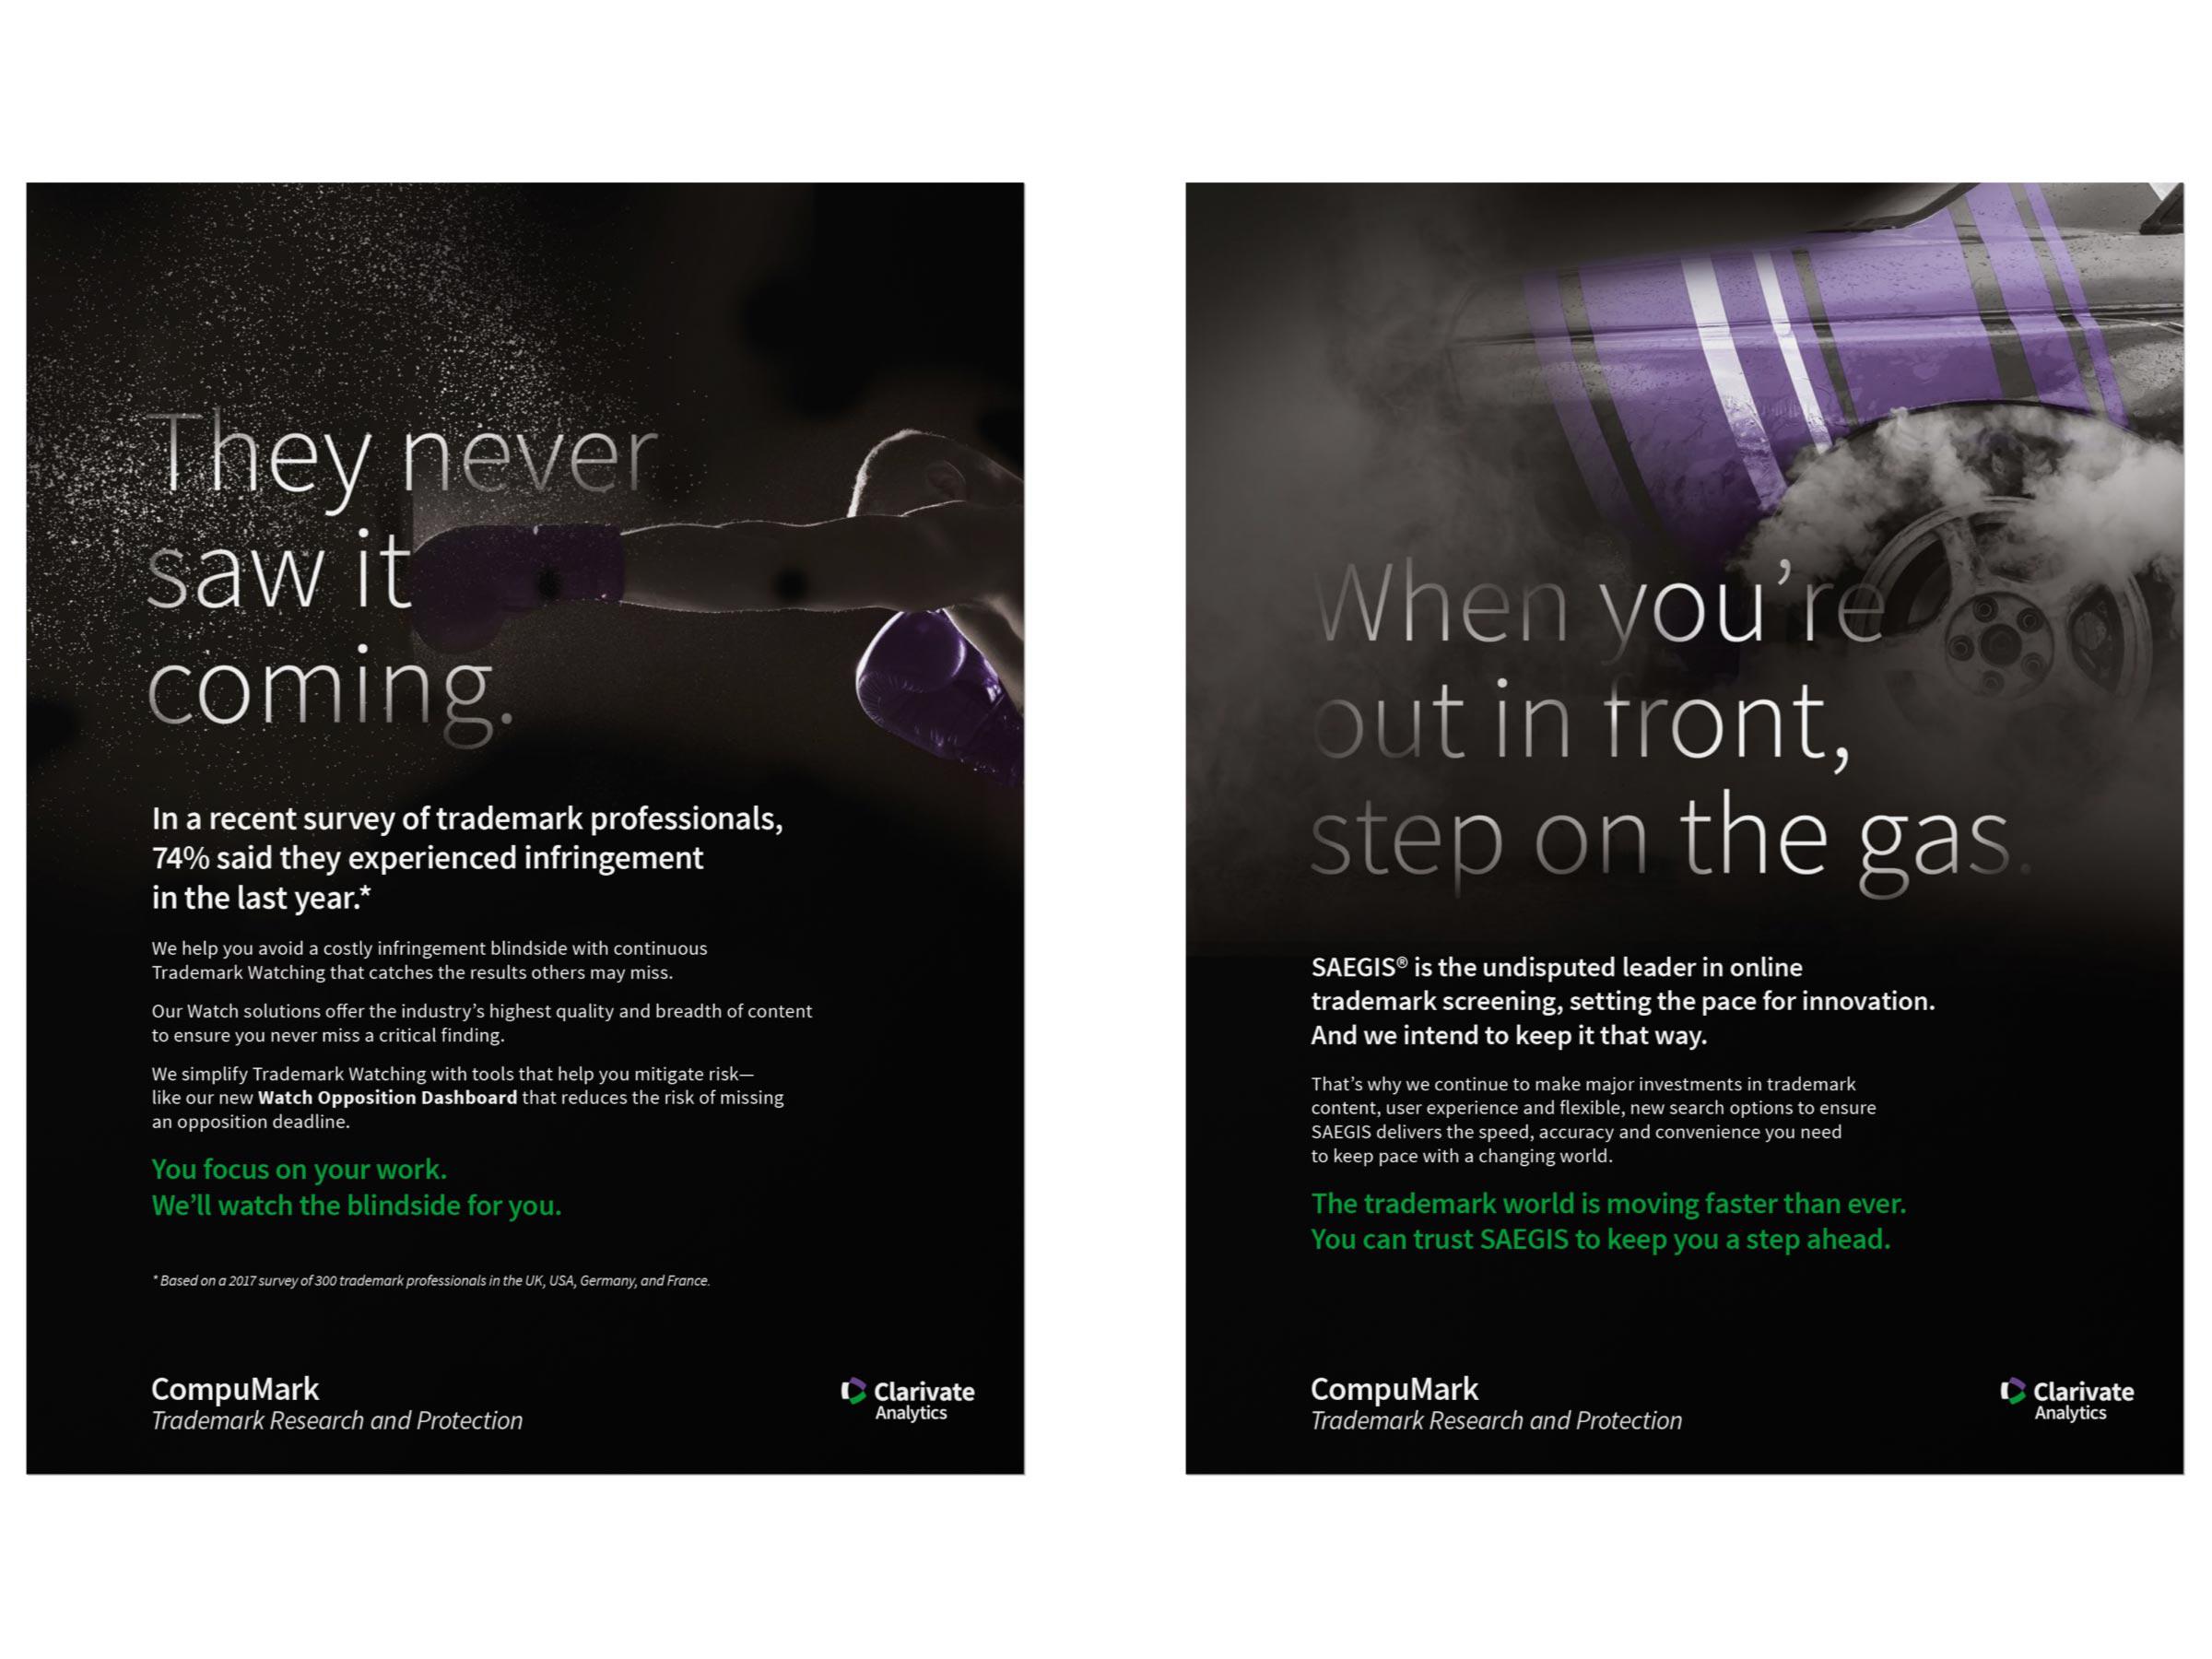 Clarivate Ad Campaign